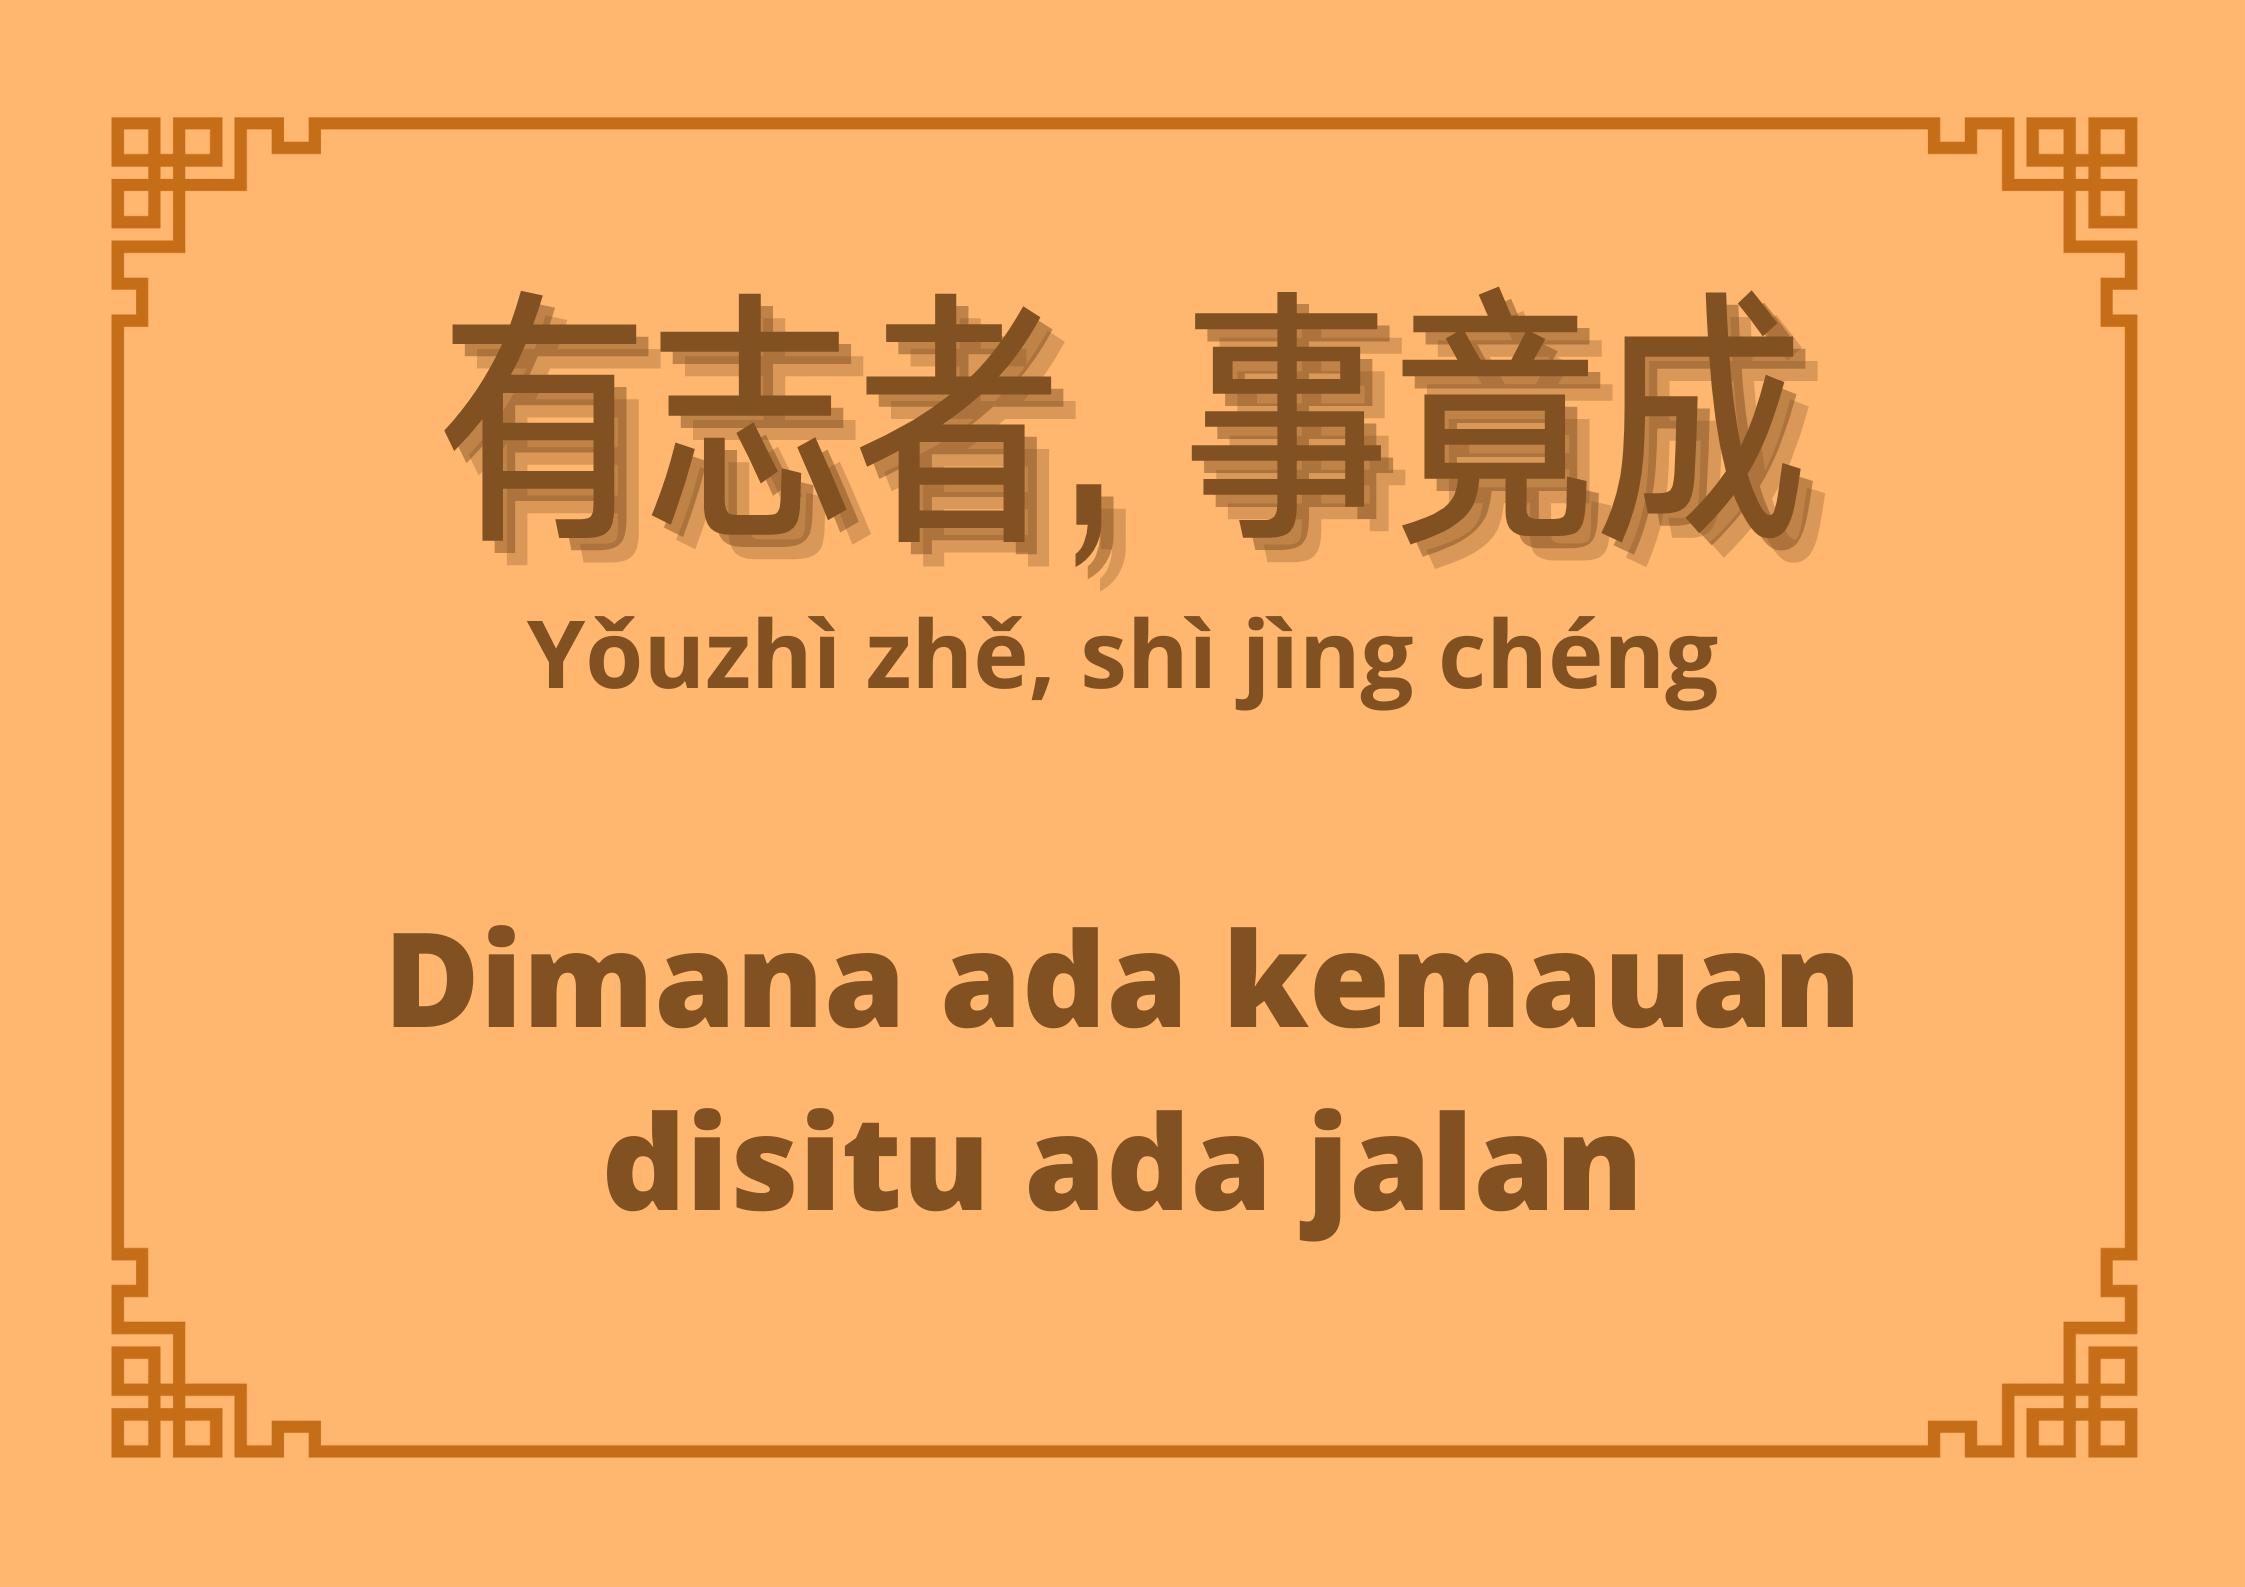 Arti Pepatah Tiongkok 有志者, 事竟成